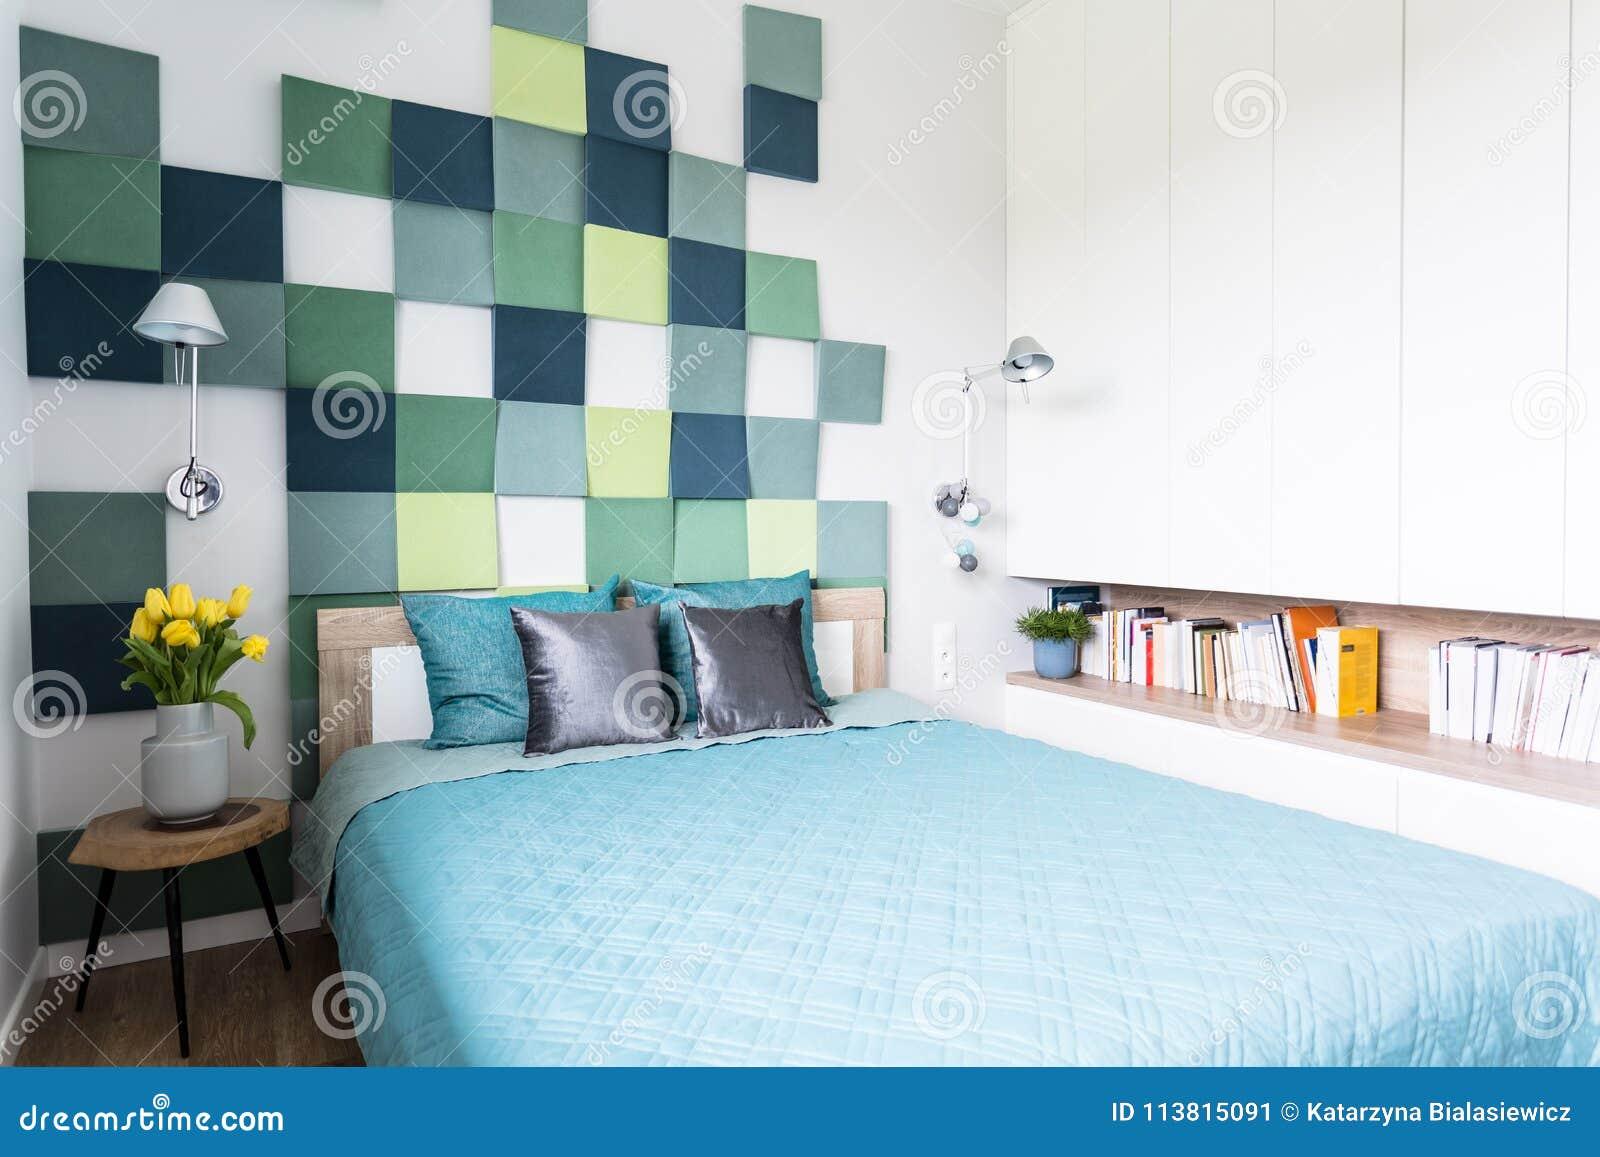 Intérieur Bleu Et Vert De Chambre à Coucher Image stock ...